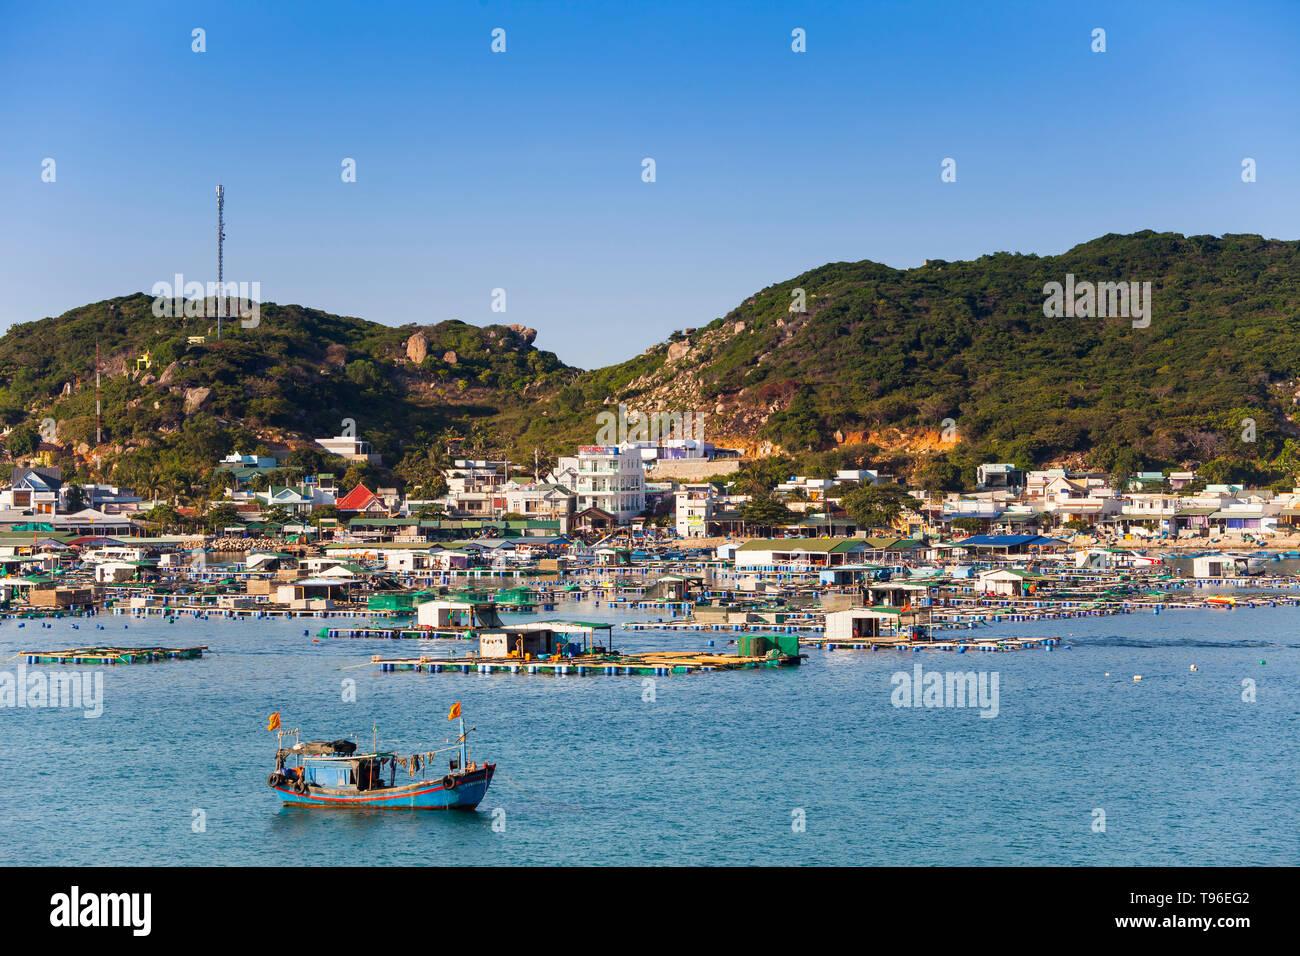 Rocky coast landscape look at island Binh Houng at Vinh Hy, South China Sea,Ninh Thuan, Vietnam - Stock Image